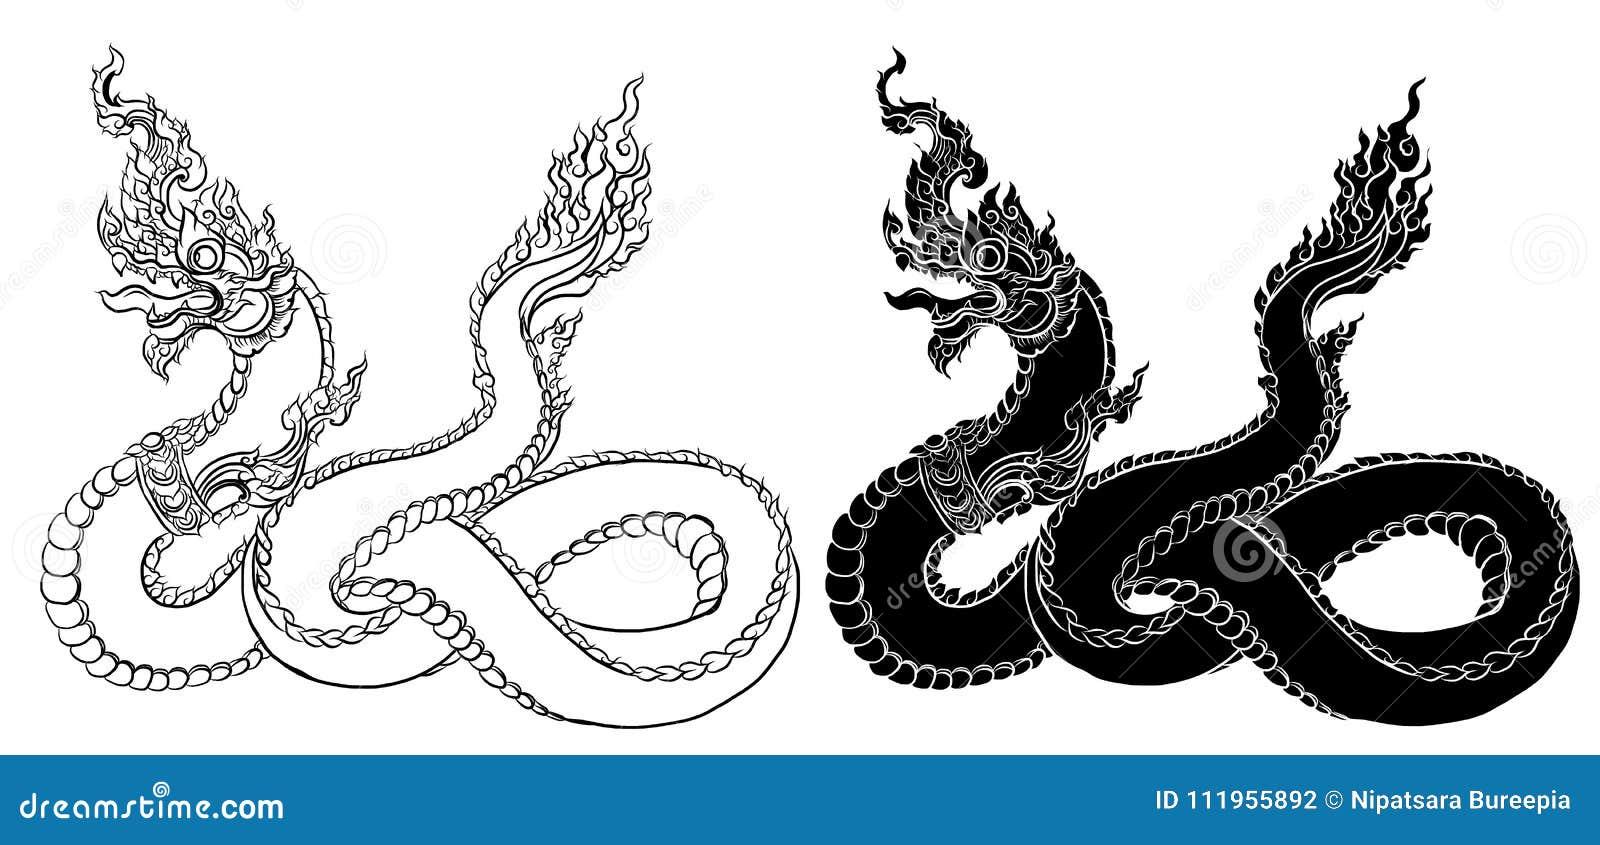 Räcka den utdragna thailändska draken på vatten, är tatuerar den thailändska linjen Thailand stil och design